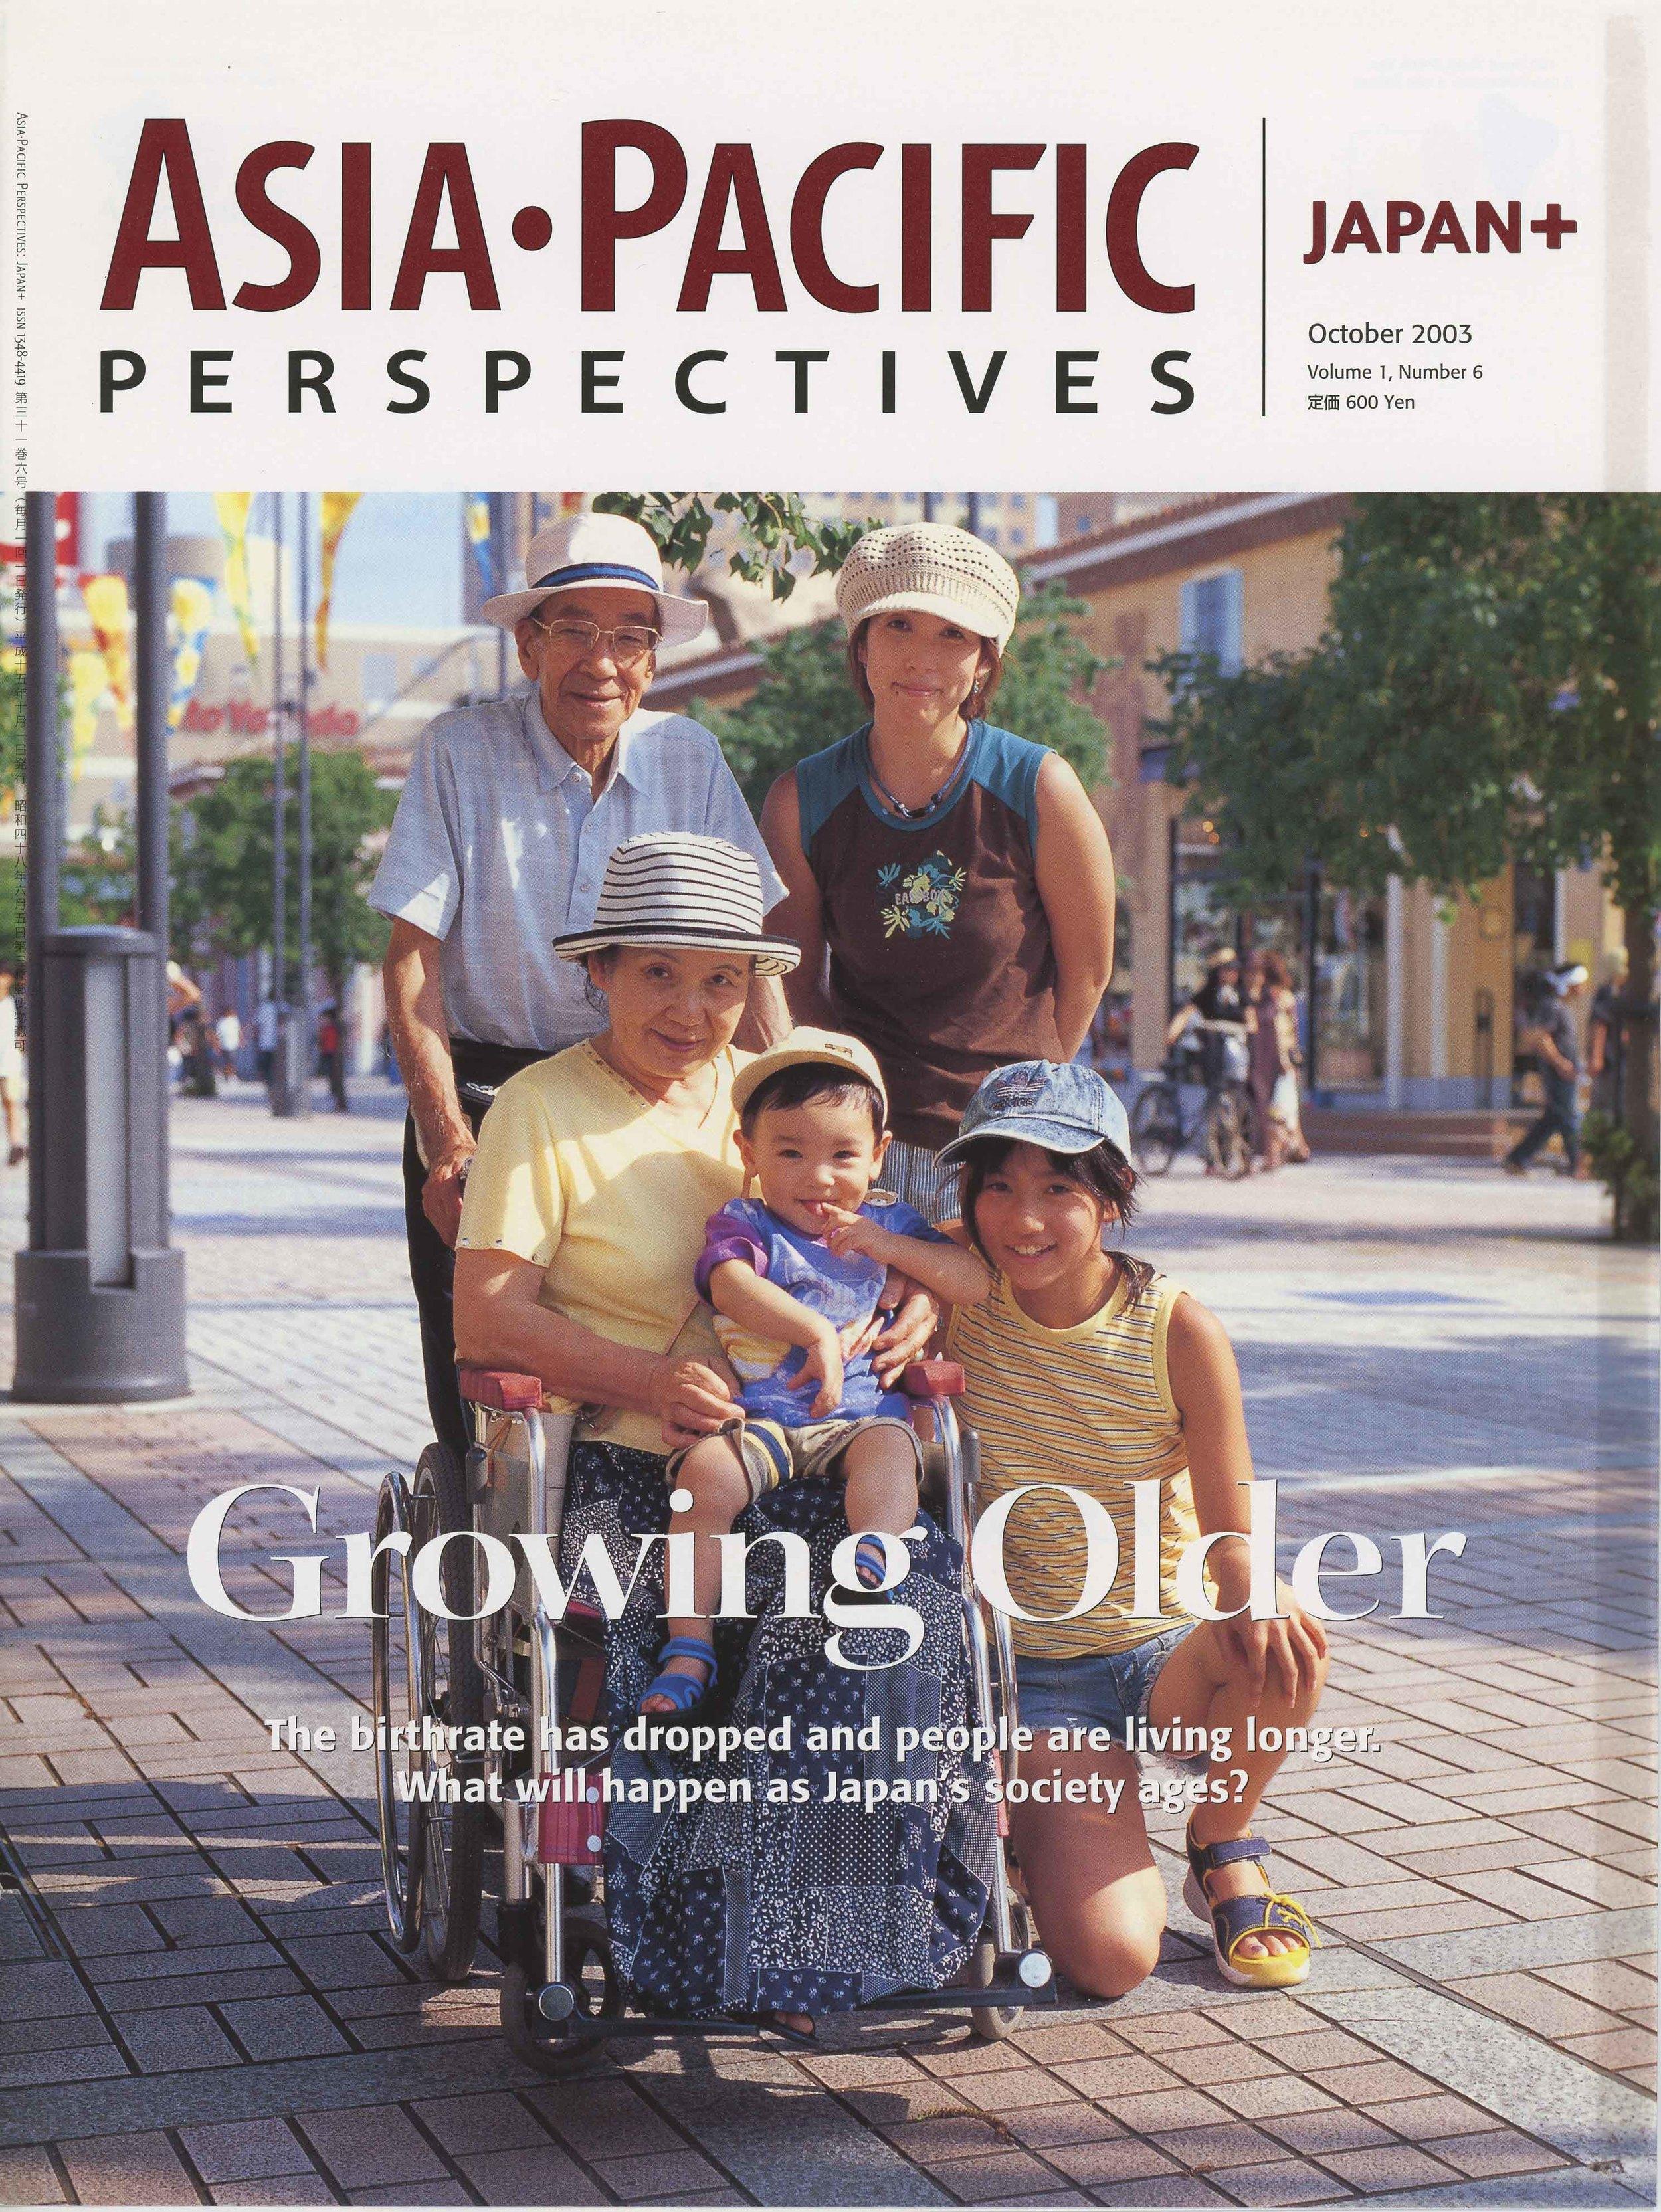 政府広報誌「ASIA PACIFIC PERSPECTIVES JAPAN+」表紙